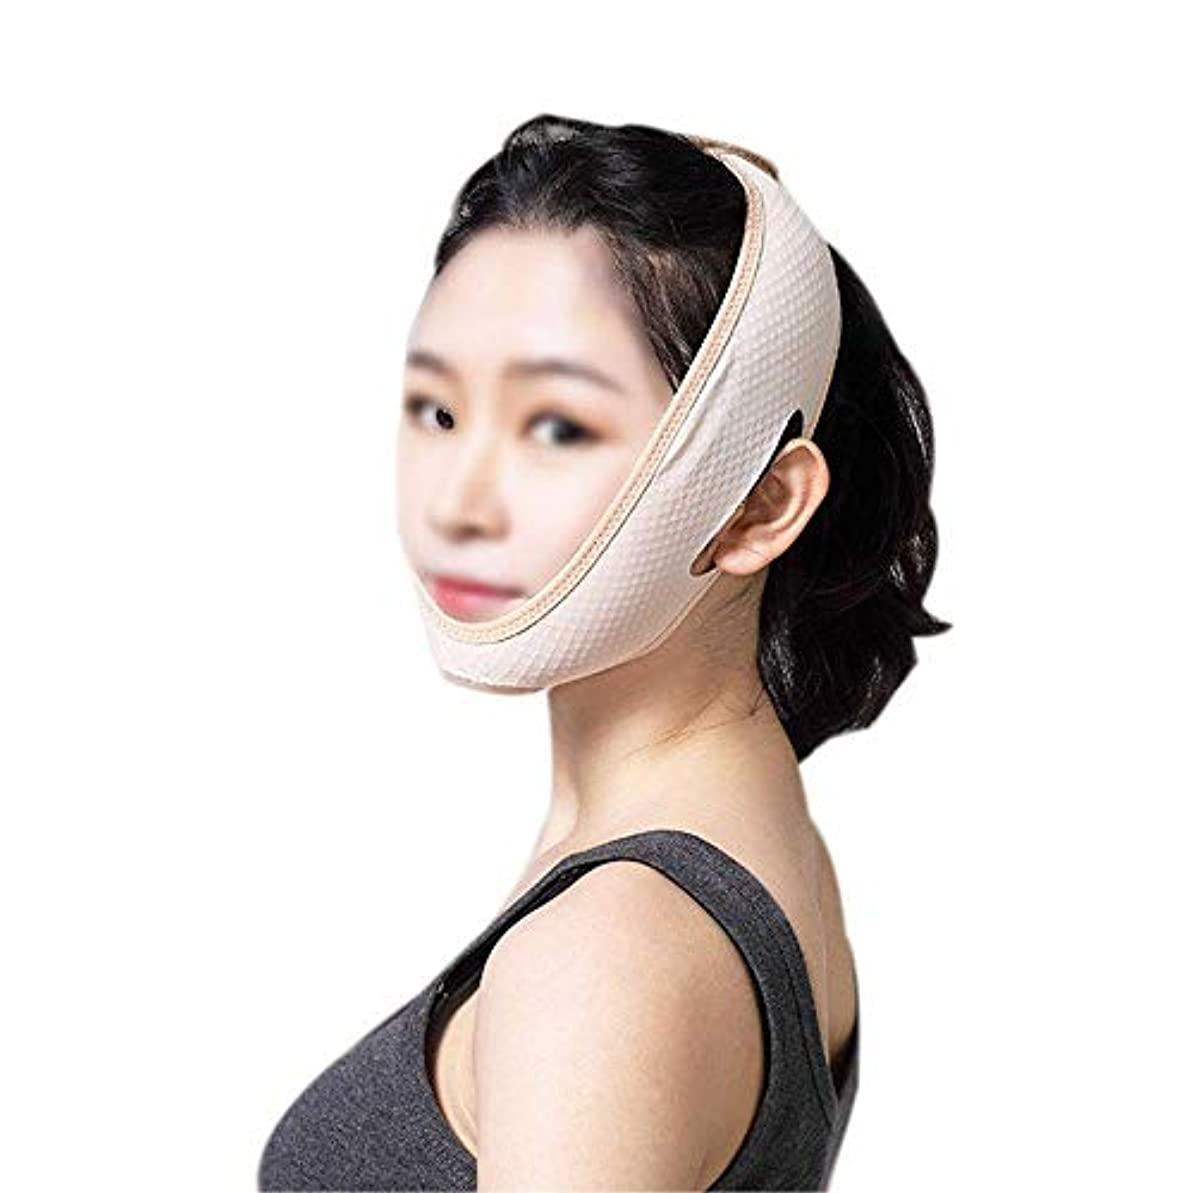 バイオリニスト暗記するまとめるフェイスリフティングバンデージ、肌の引き締めを強化する薄いフェイスマスクの睡眠、ダブルチンマスクの削減